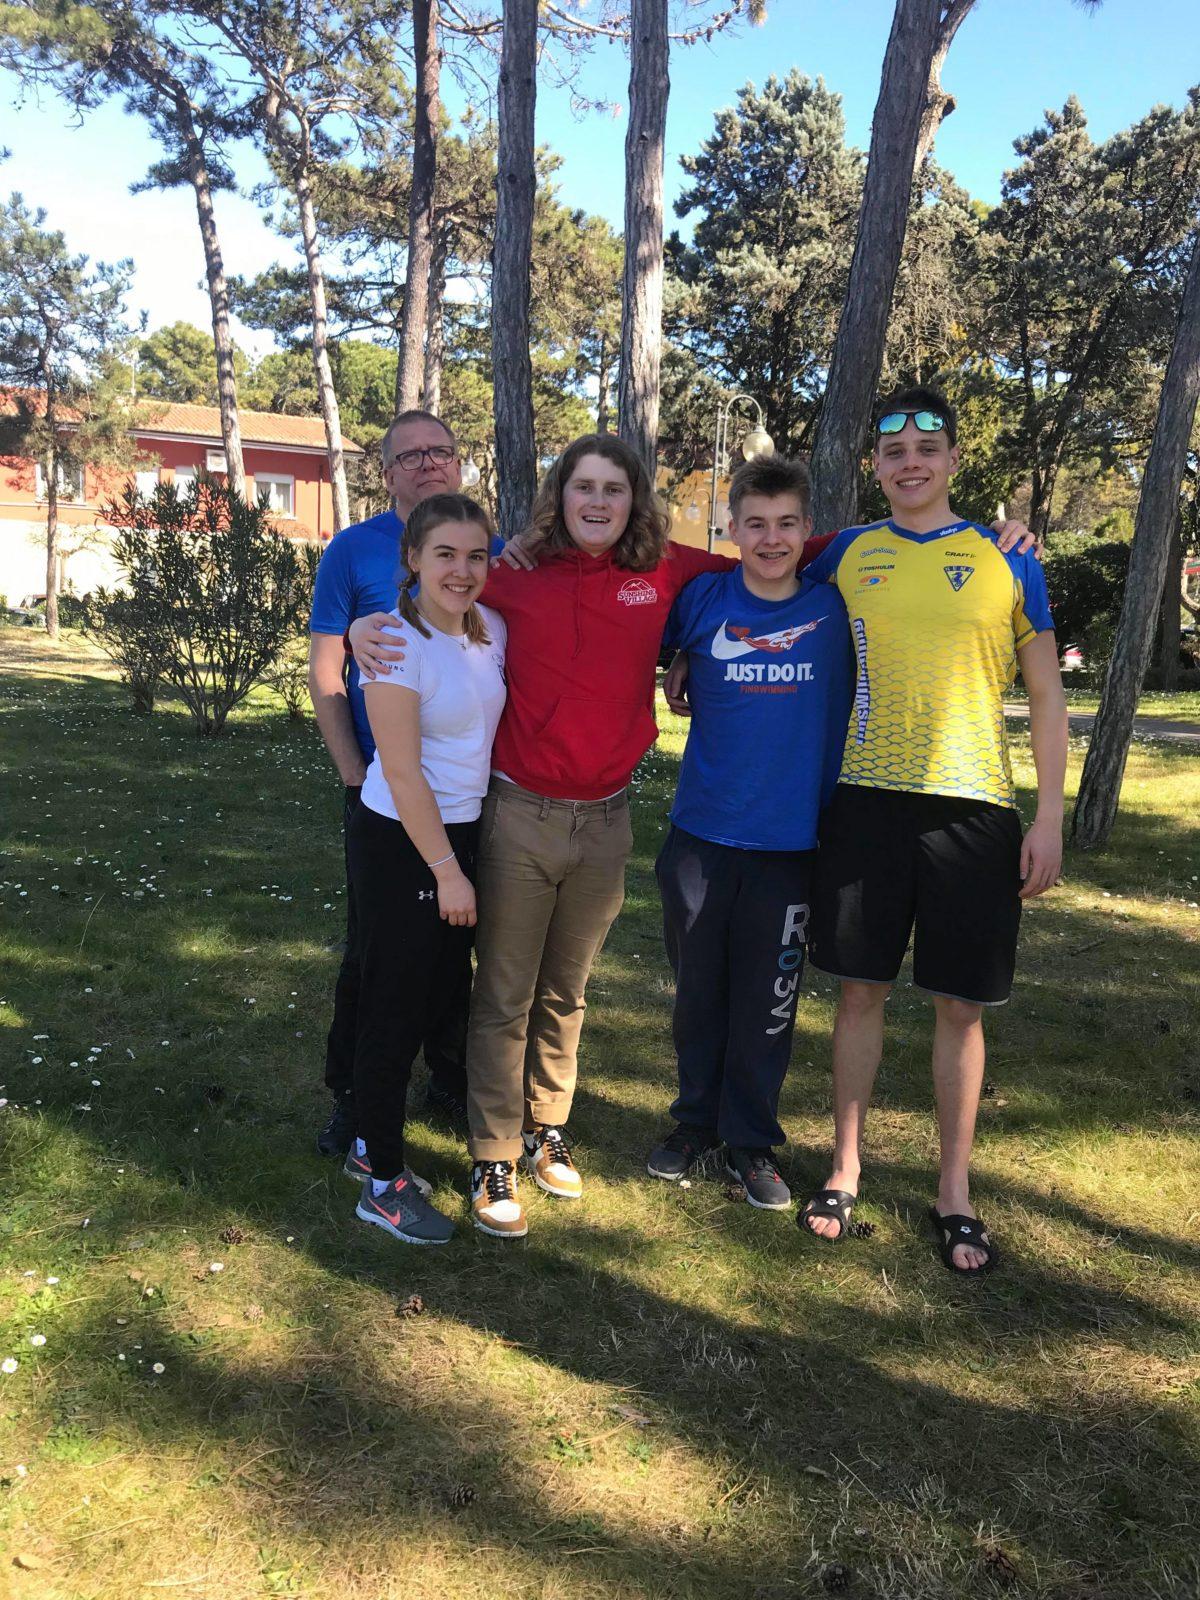 2. kolo Světového poháru – Lignano (ITA) 23. a 24.3.2019